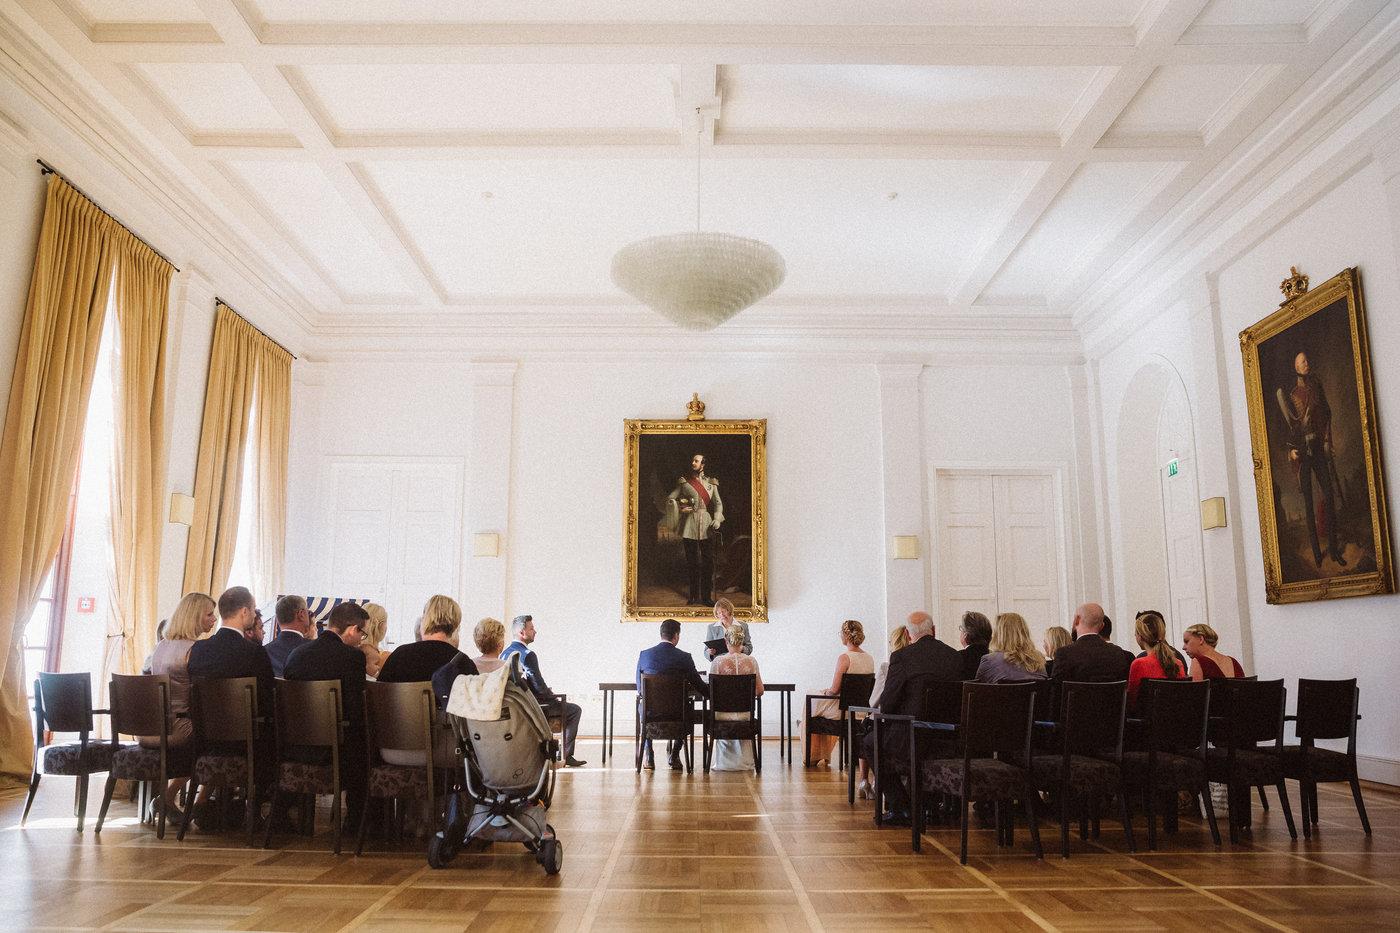 Hochzeit im weissen Saal des Conversationshaus am Marktplatz von Norderney